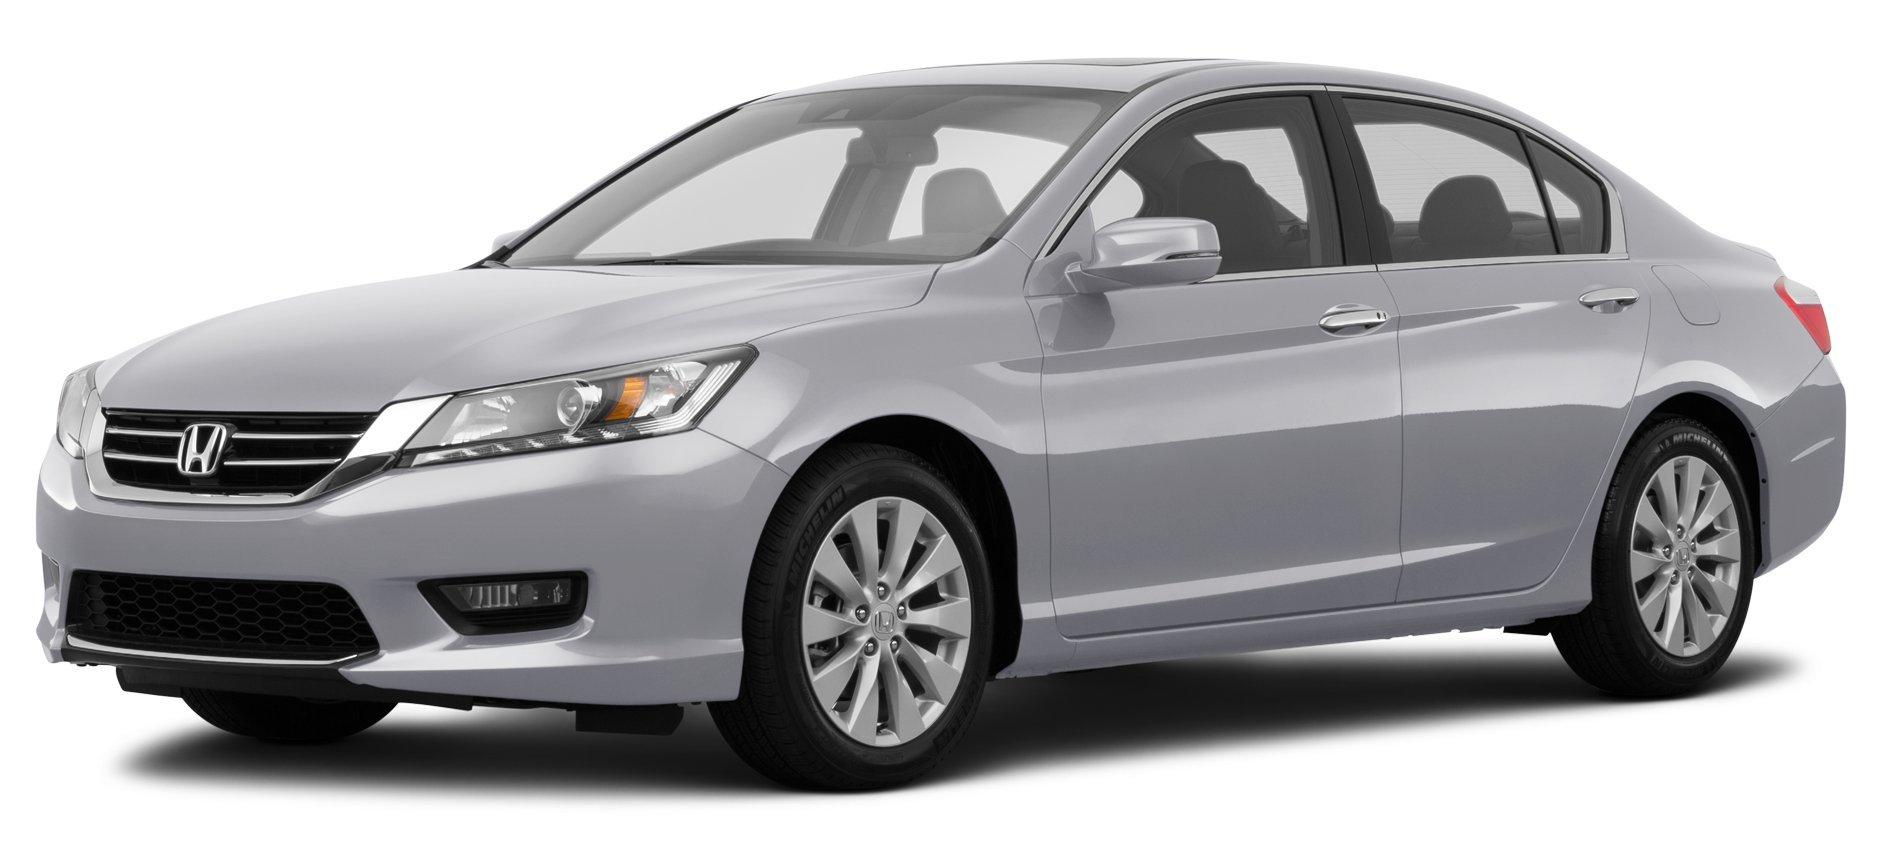 2015 Honda Accord Ex L V6 >> Amazon Com 2015 Honda Accord Reviews Images And Specs